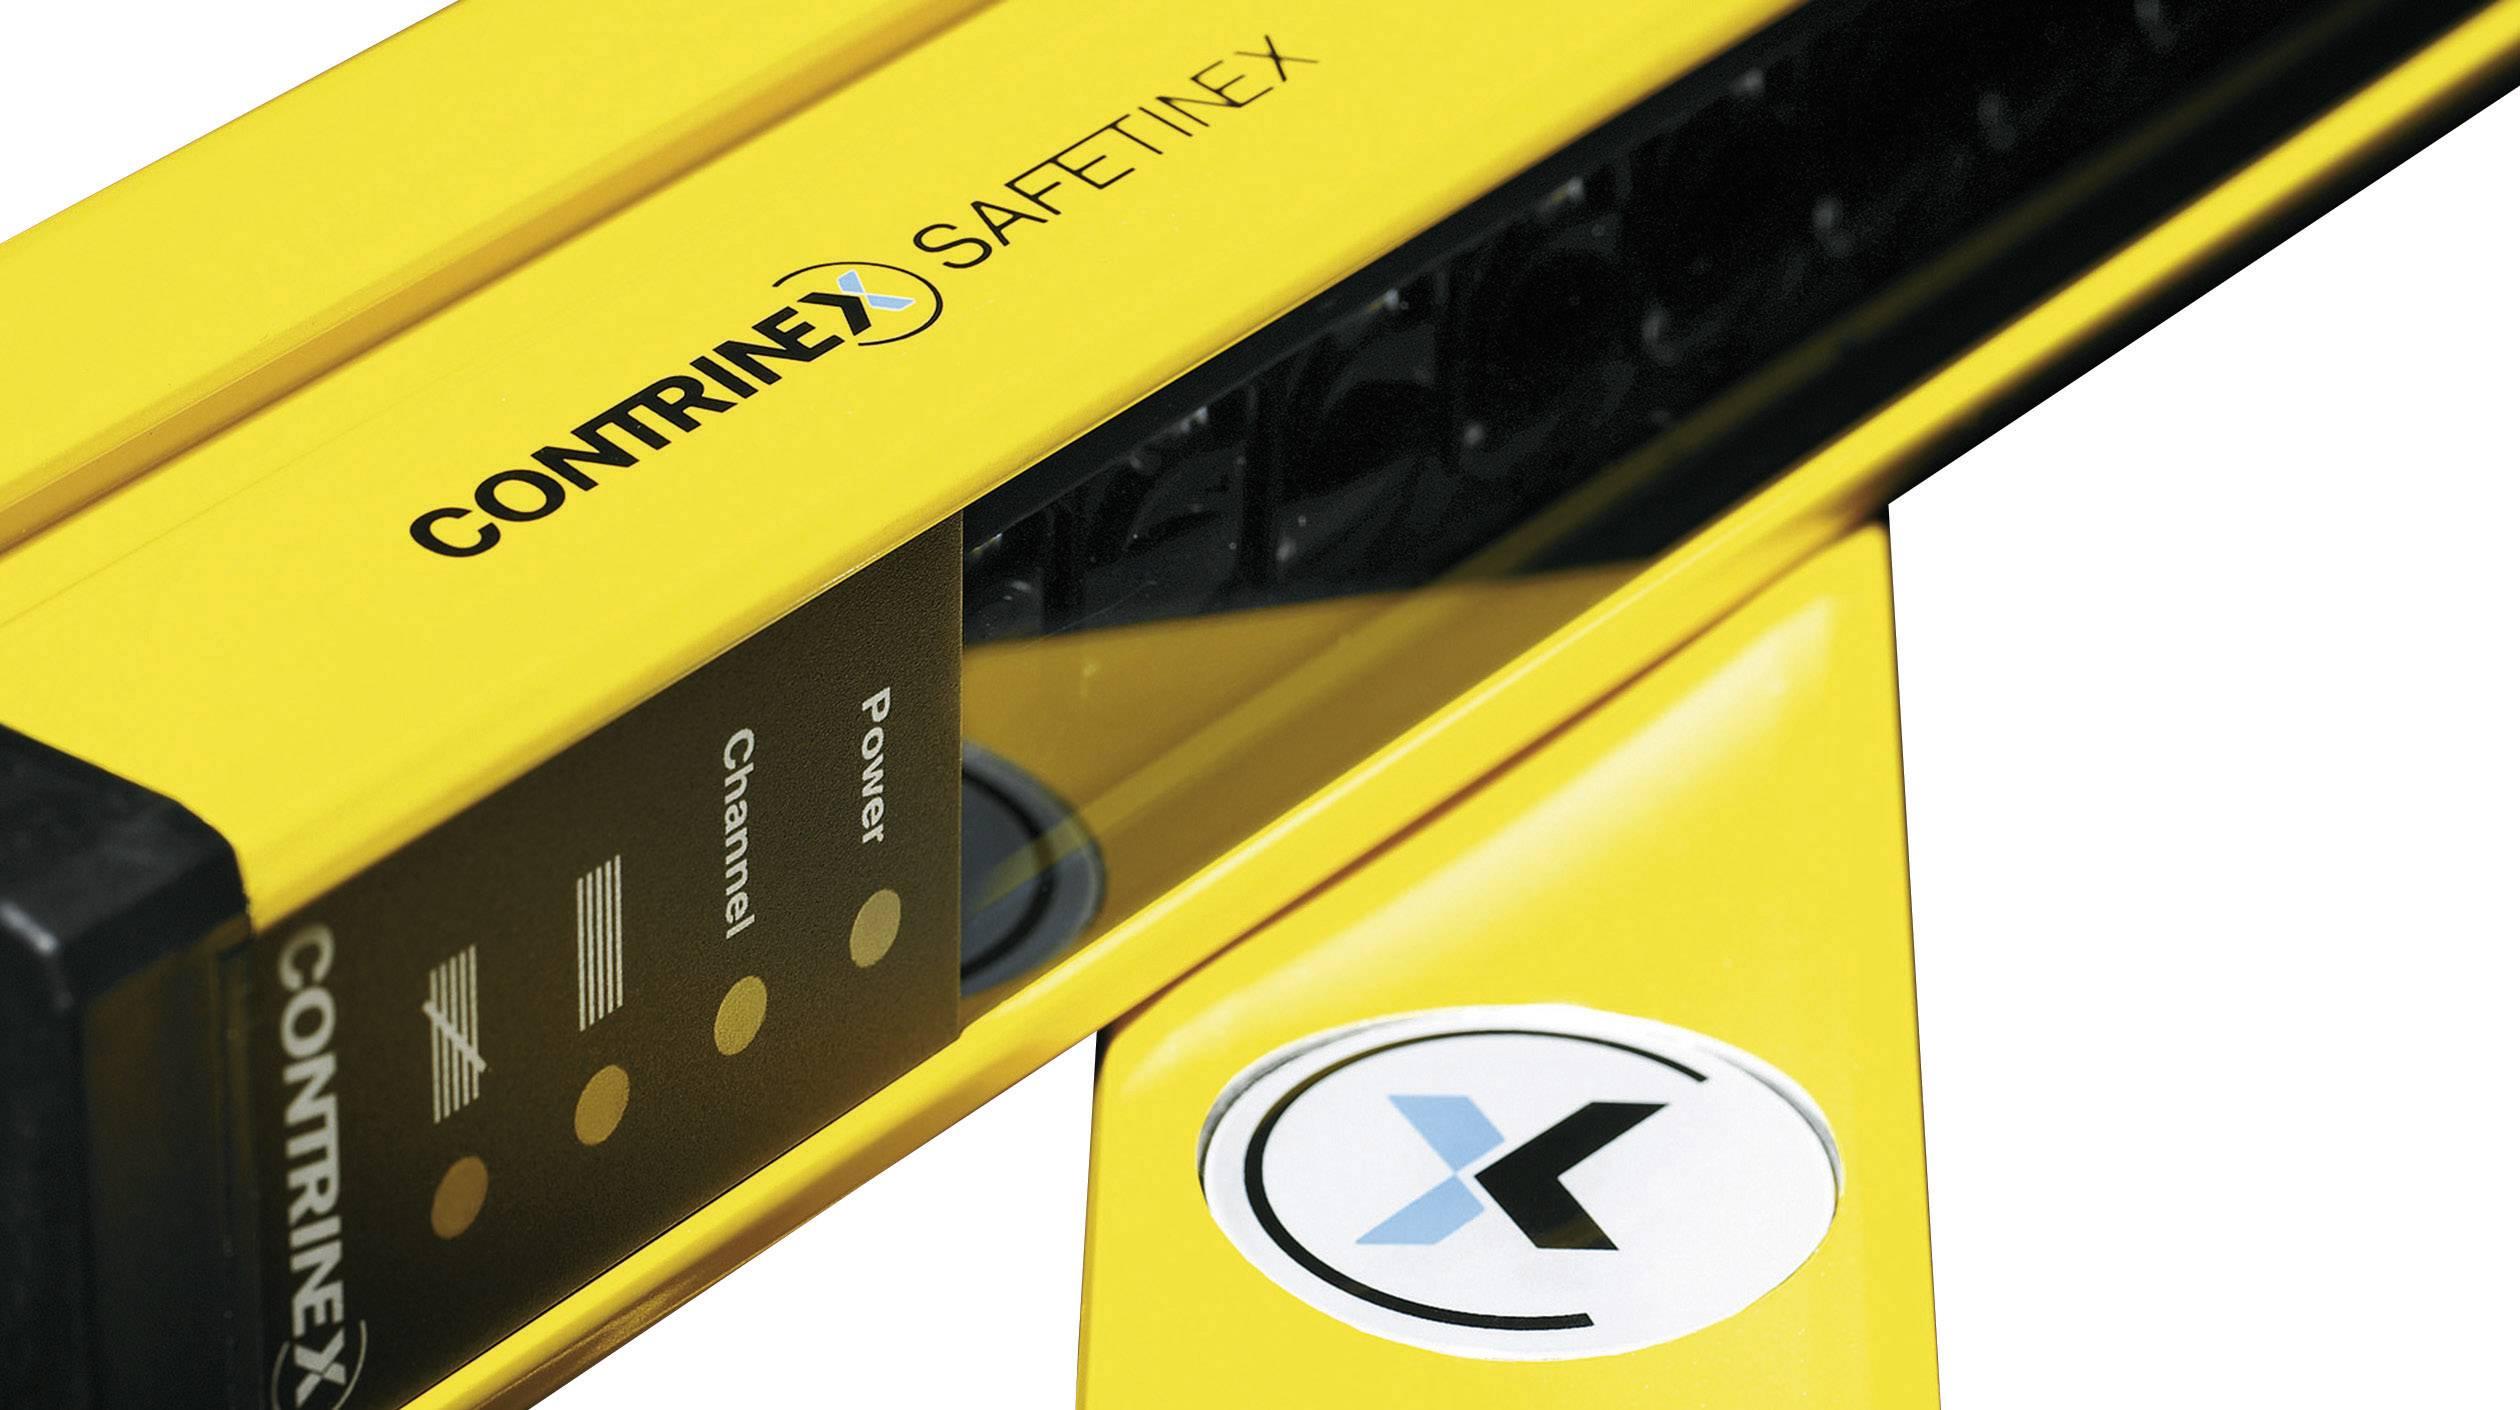 Vícepaprsková bezpečnostní světelná závora pro ochranu osob Contrinex YCA-50S4-4300-G012 630 100 085